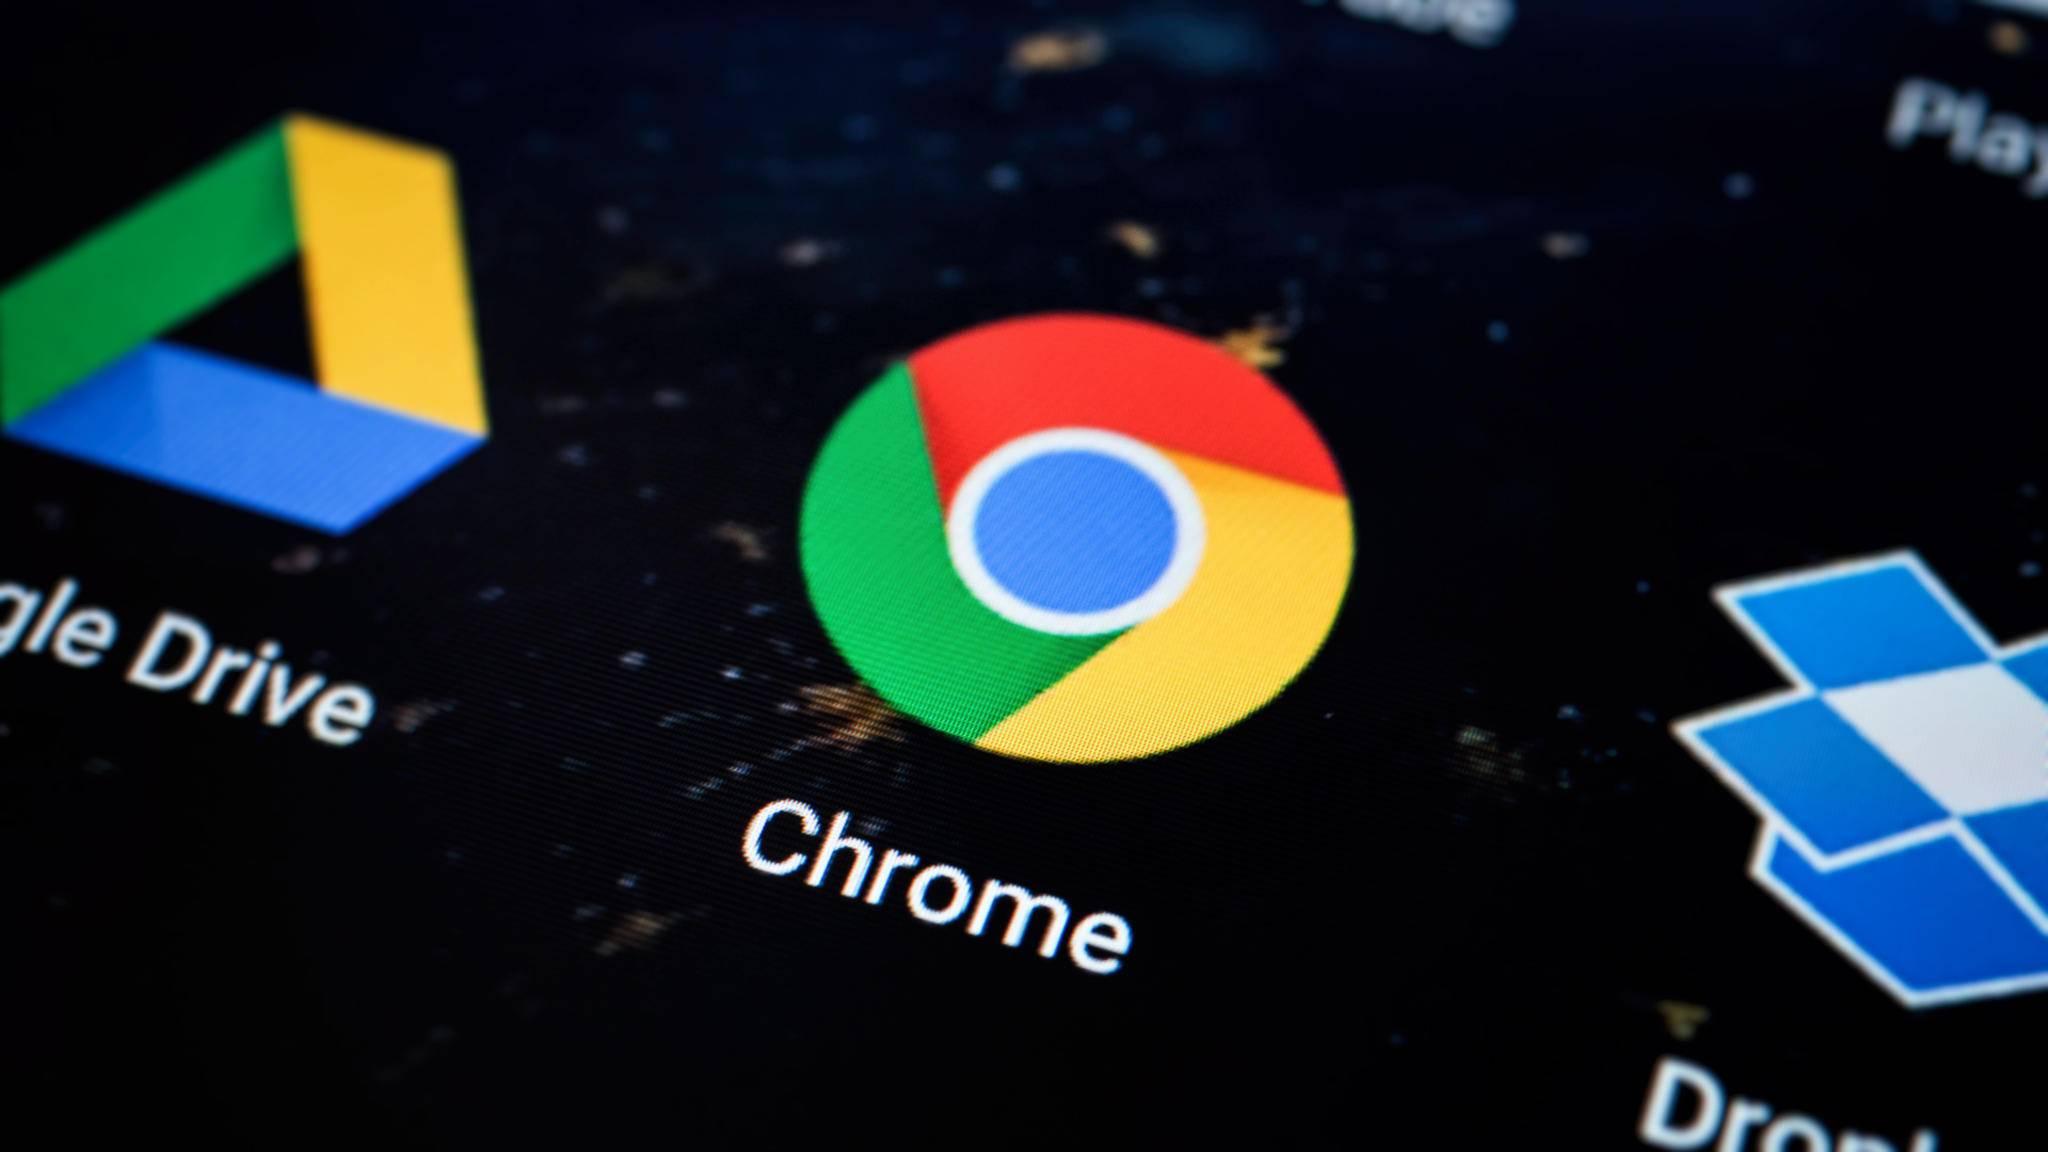 Der Chrome-Browser wird ab dem 15. Februar besonders nervige Werbung unterdrücken.